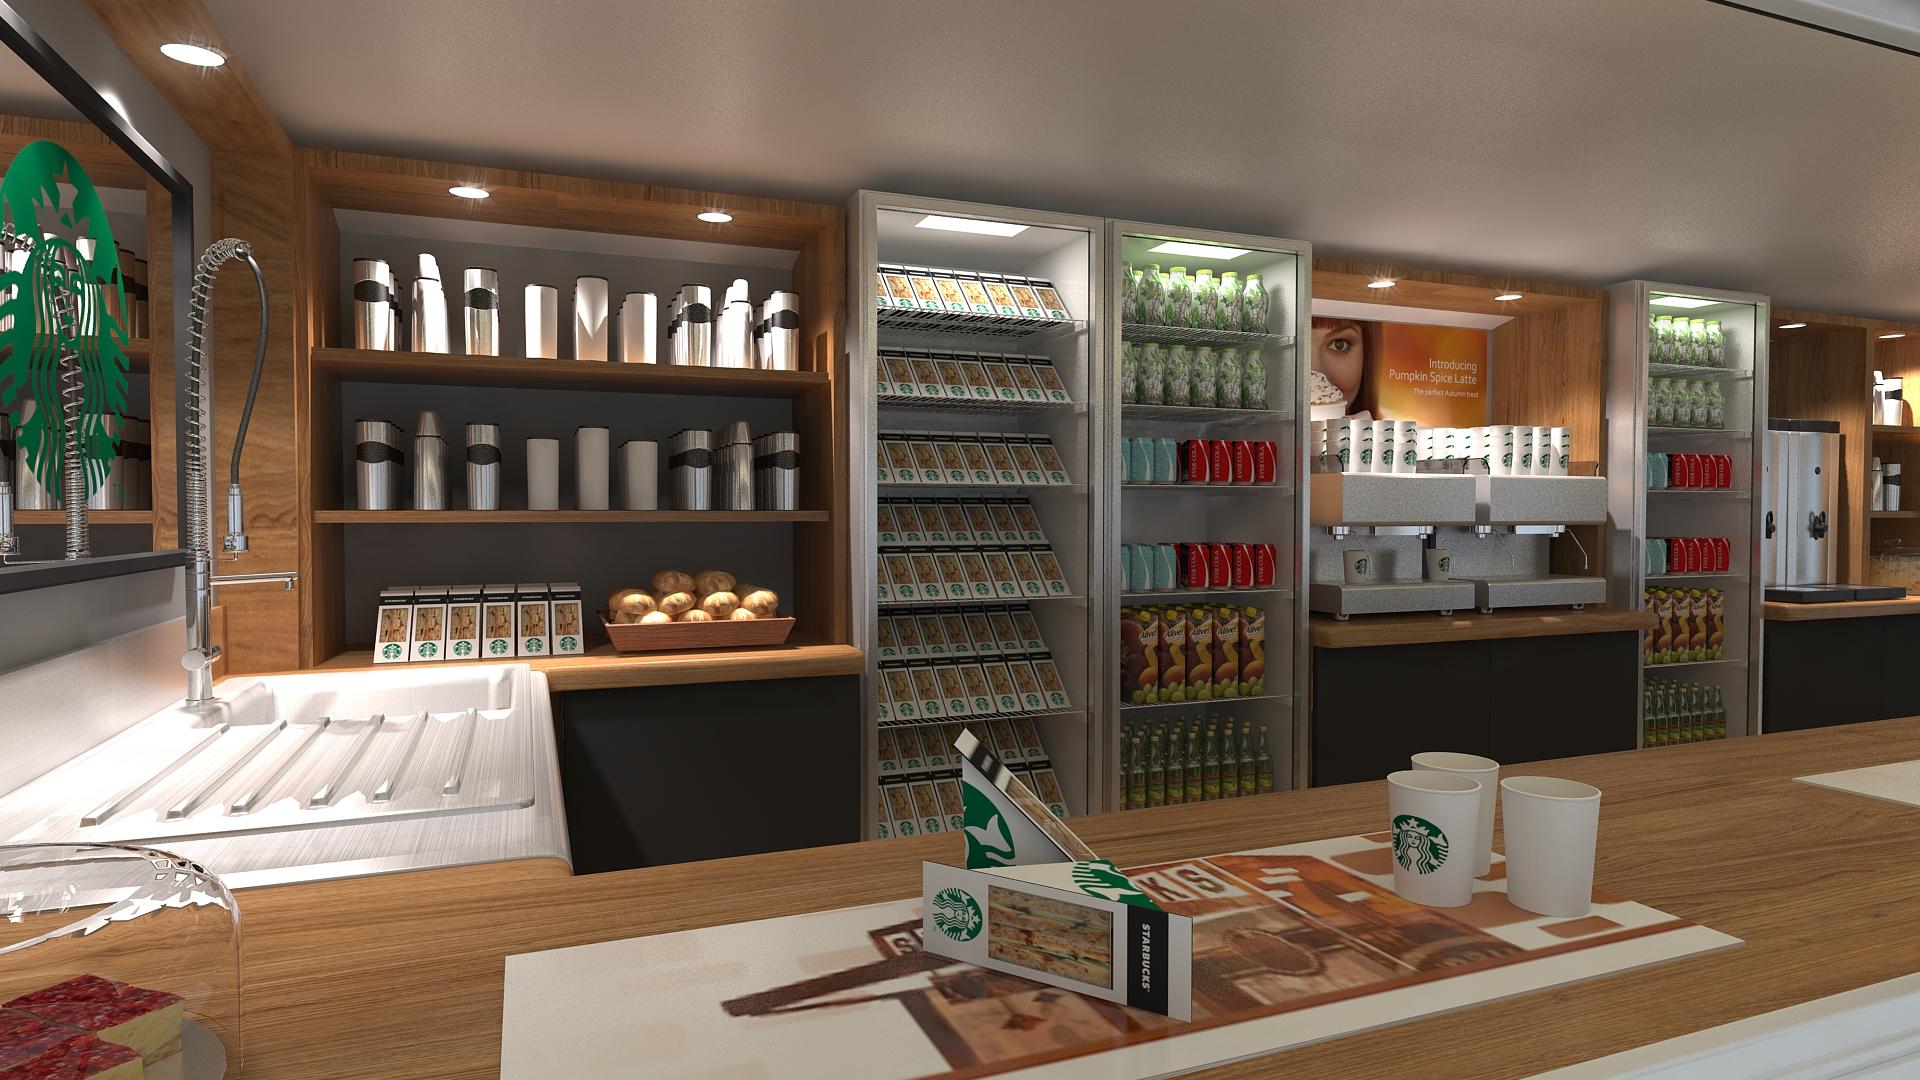 Starbucks Grd Thru Hatch_02.jpg